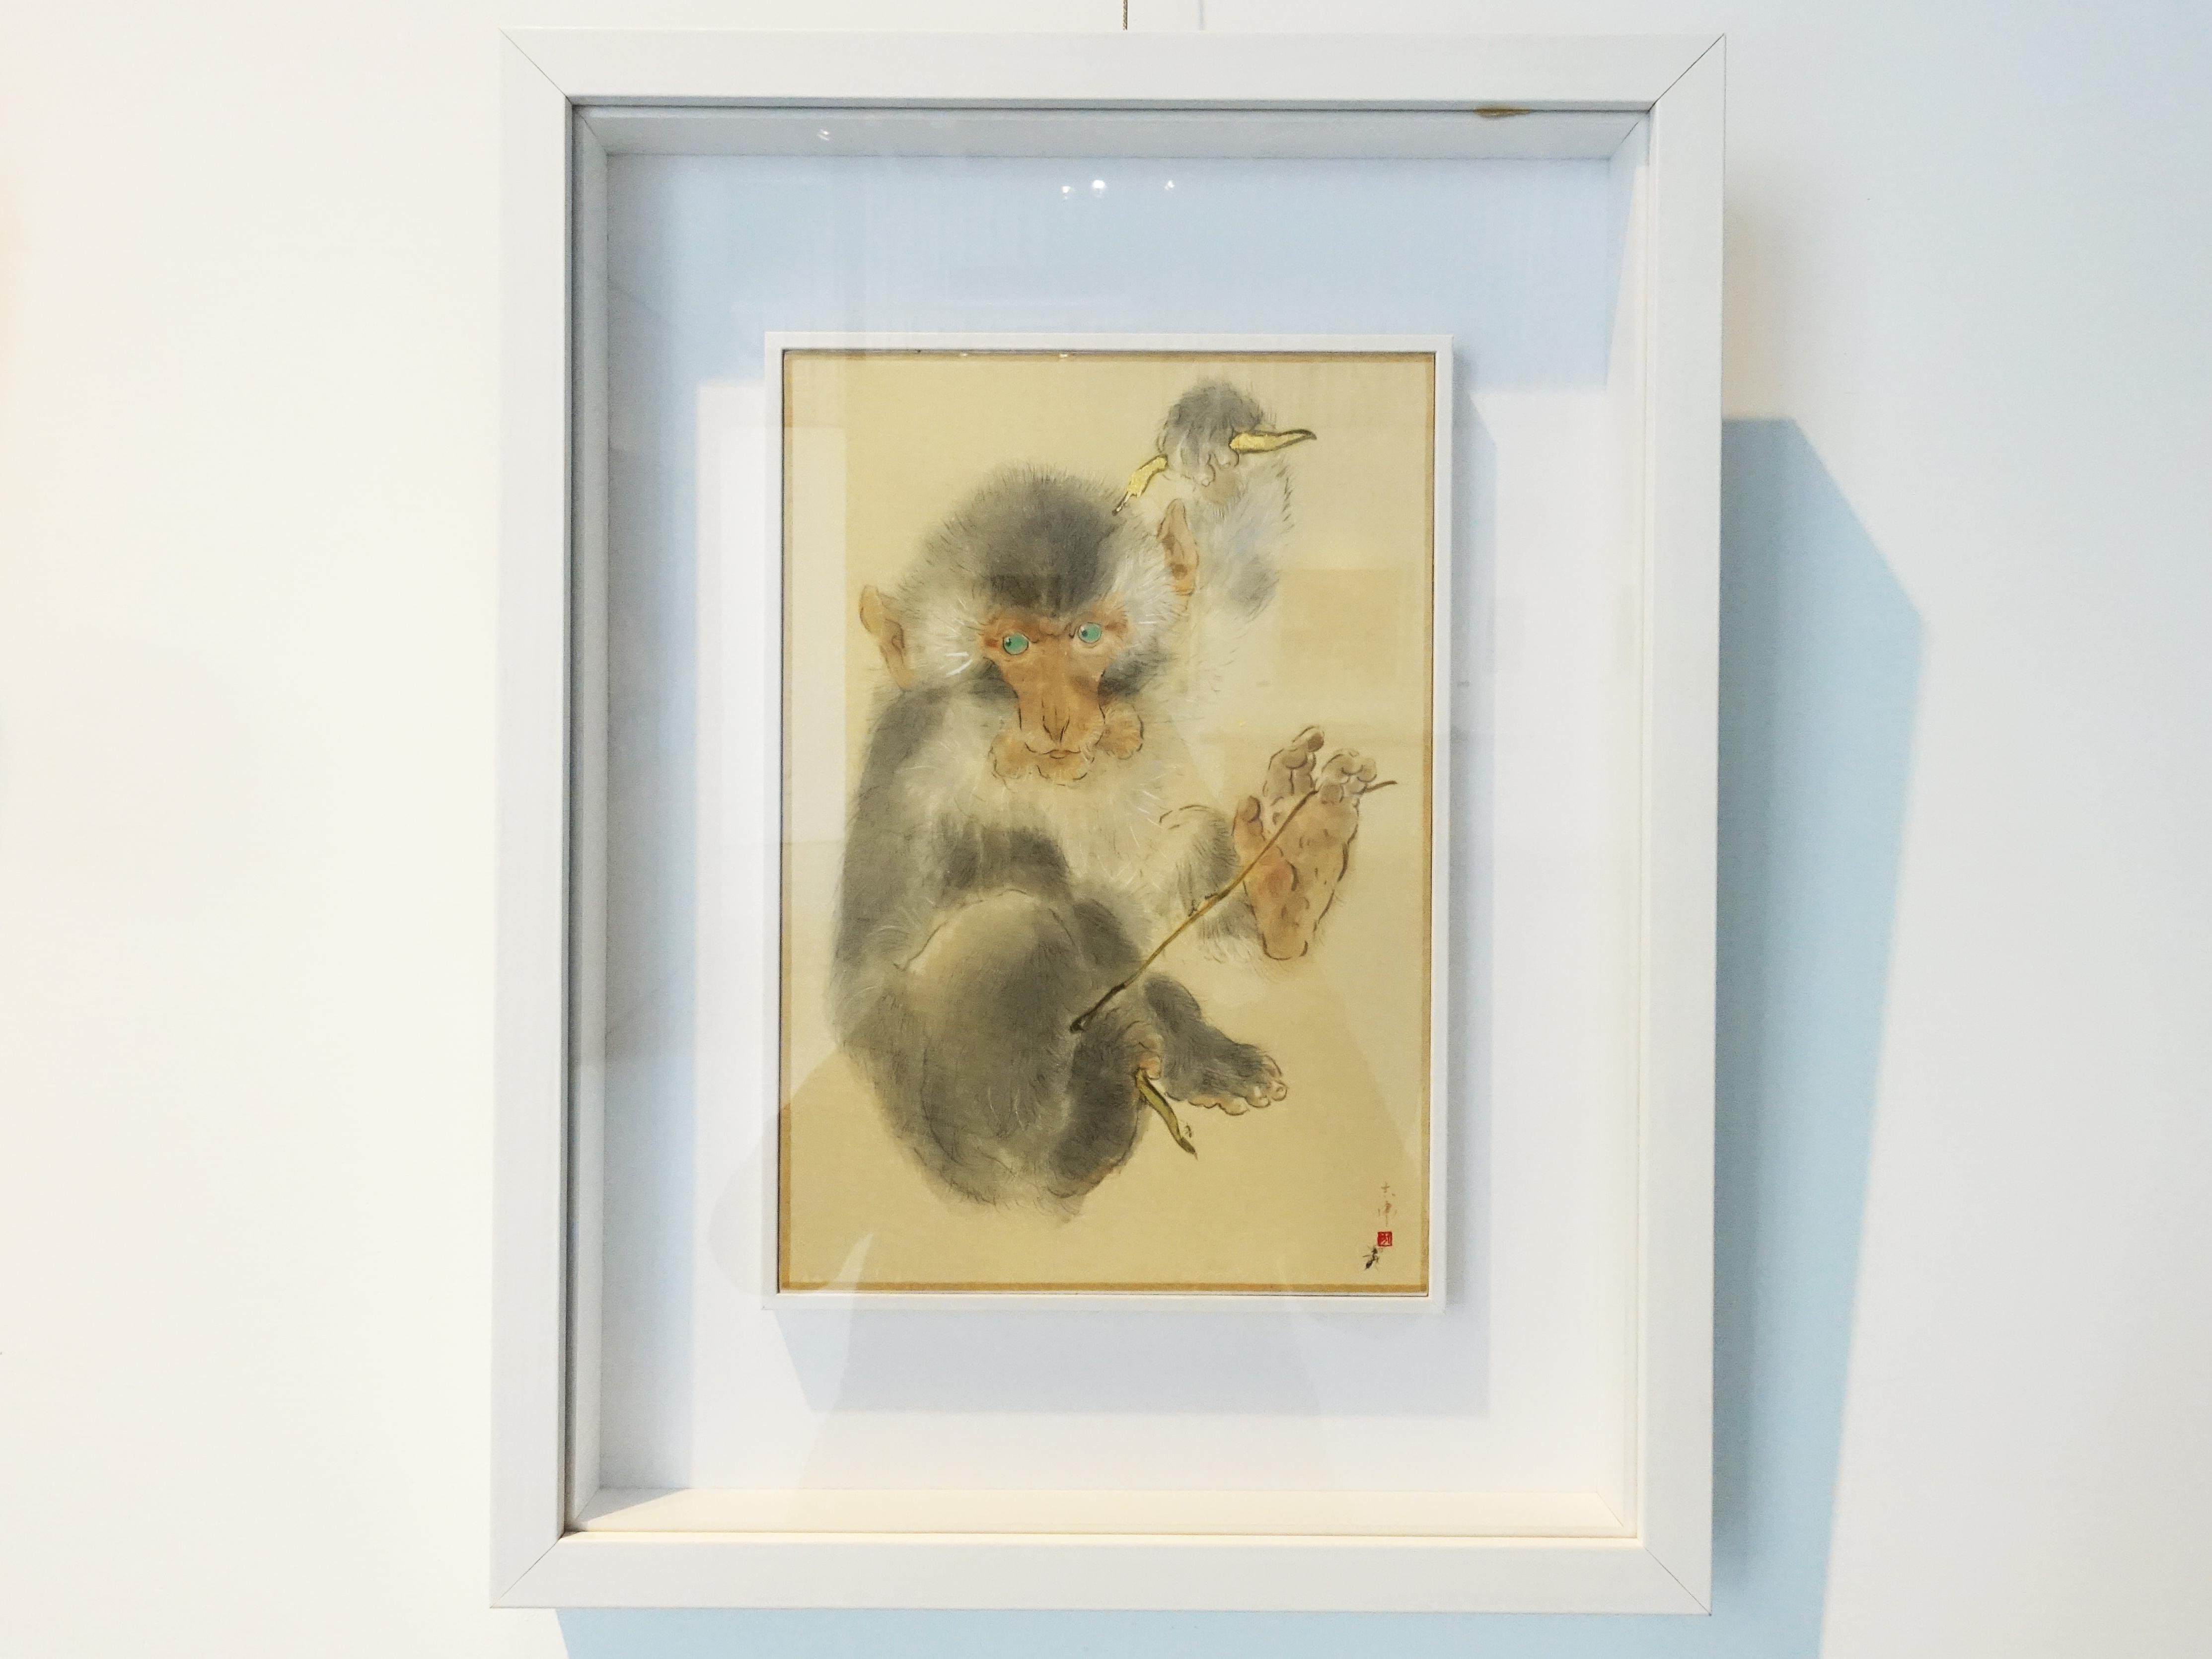 方志偉,《你不知道的事》,29 x 20 cm,絹本設色,2019。